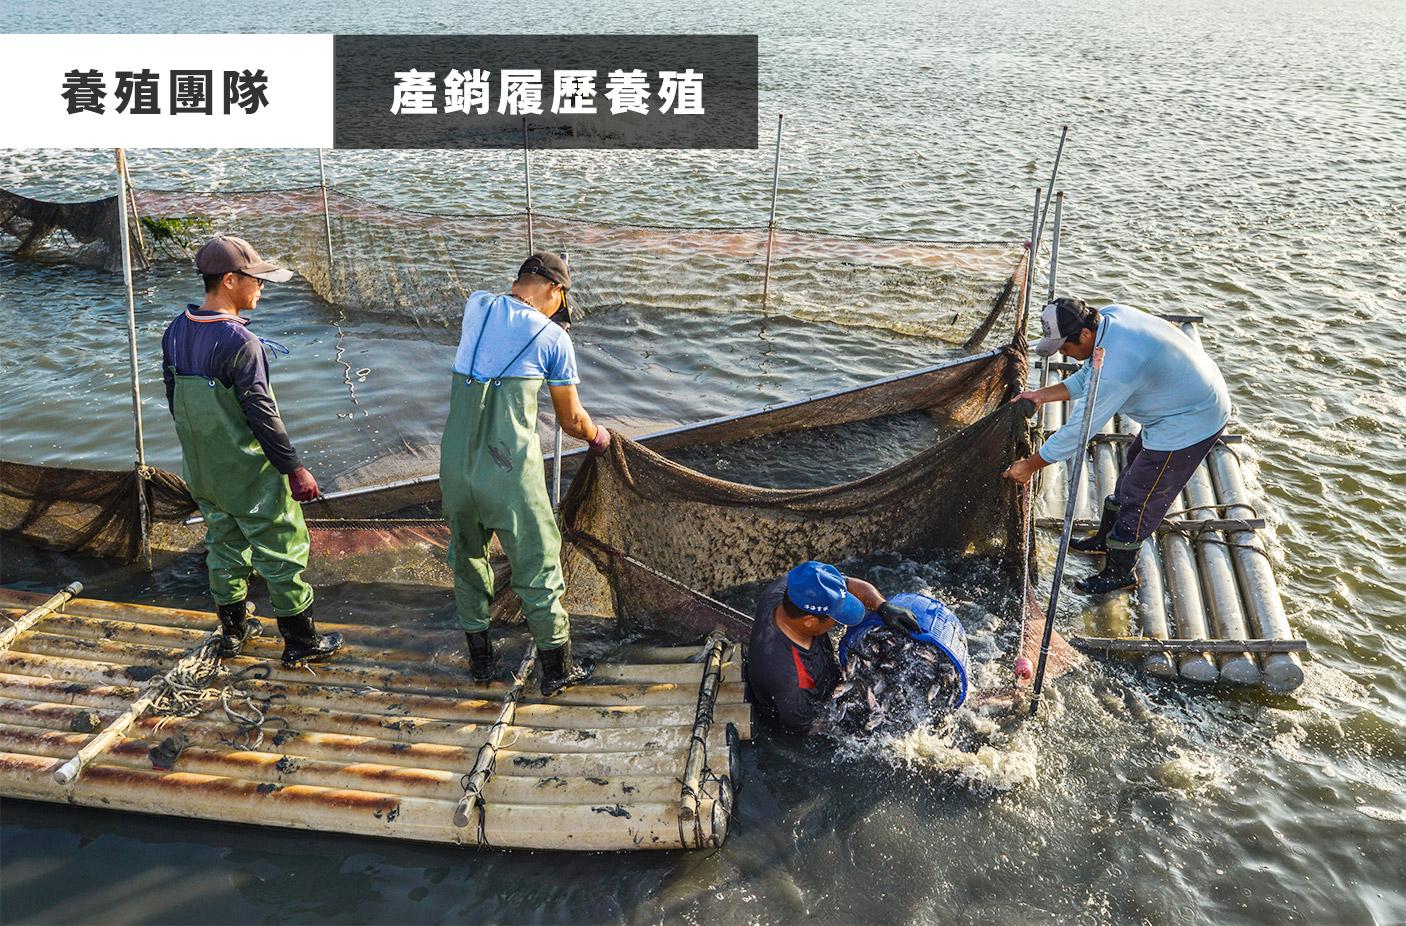 水產網購,水產宅配,水產批發,水產海鮮,水產網購推薦